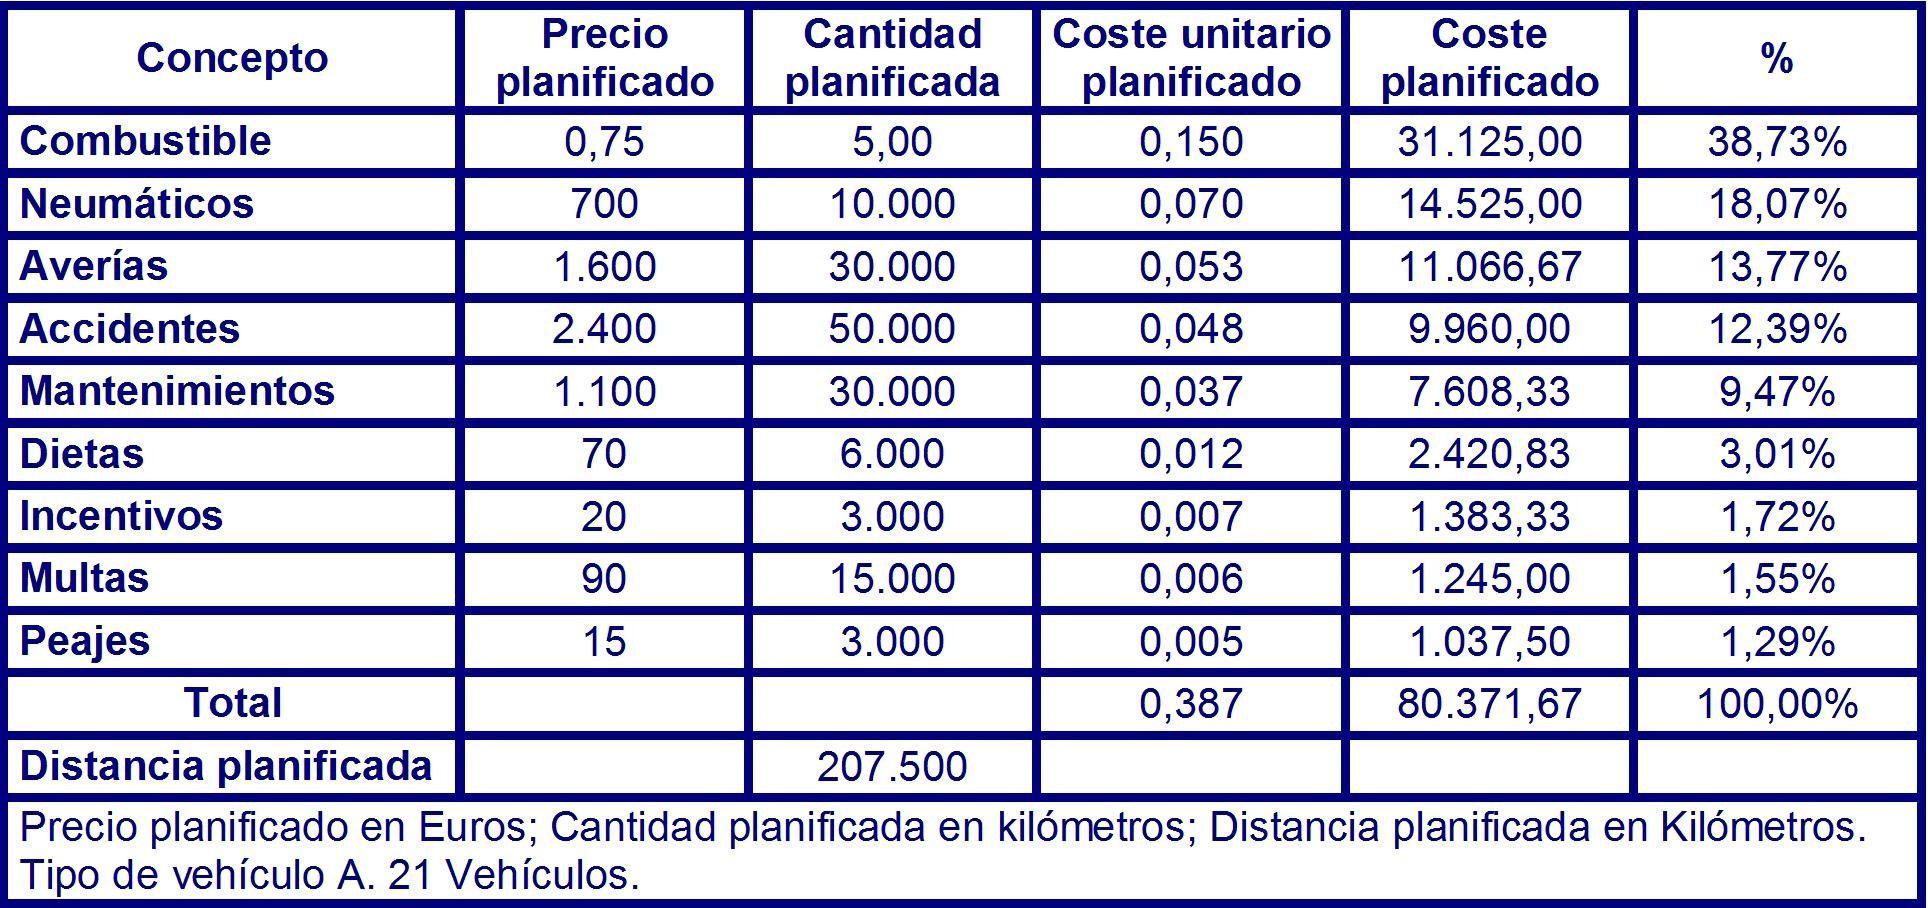 Tabla 74 costes planificados para el vehículo del tipo A en el instante T3 .